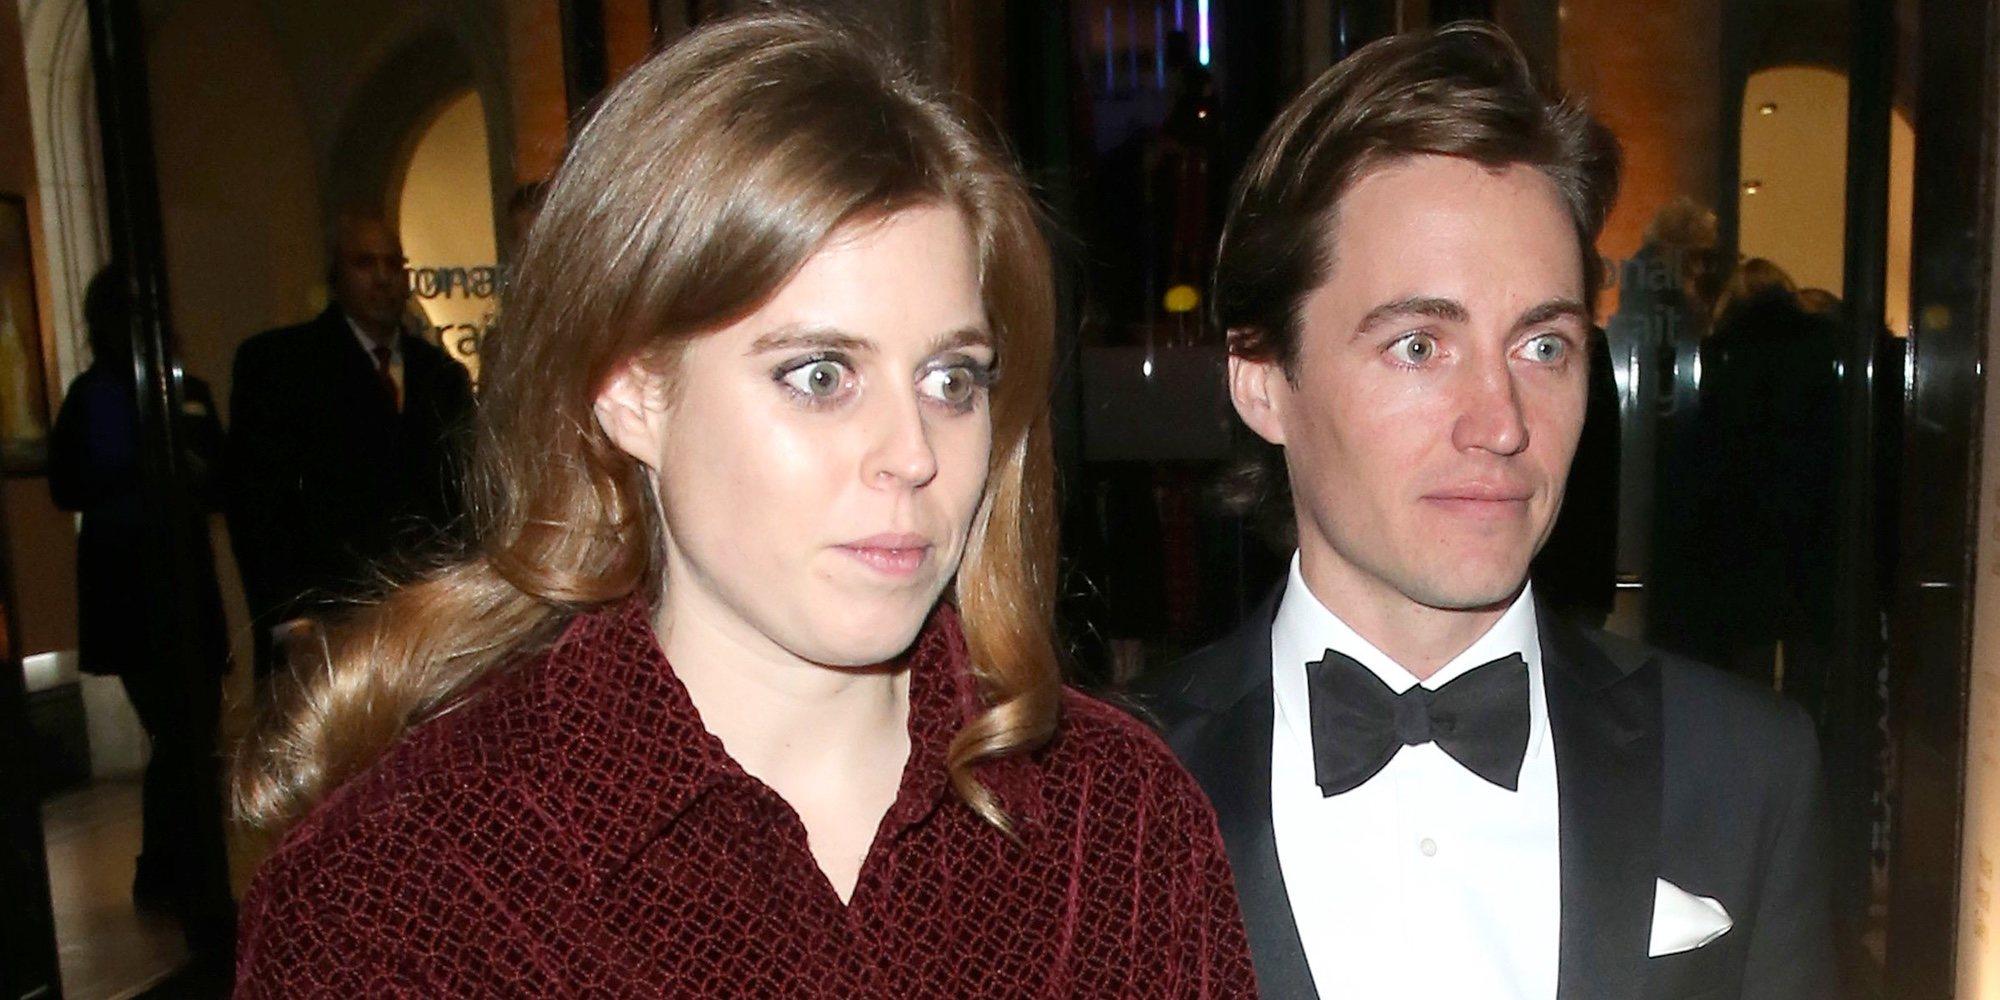 La Princesa Beatriz de York y Edoardo Mapelli Mozzi se van a vivir juntos y planean su boda